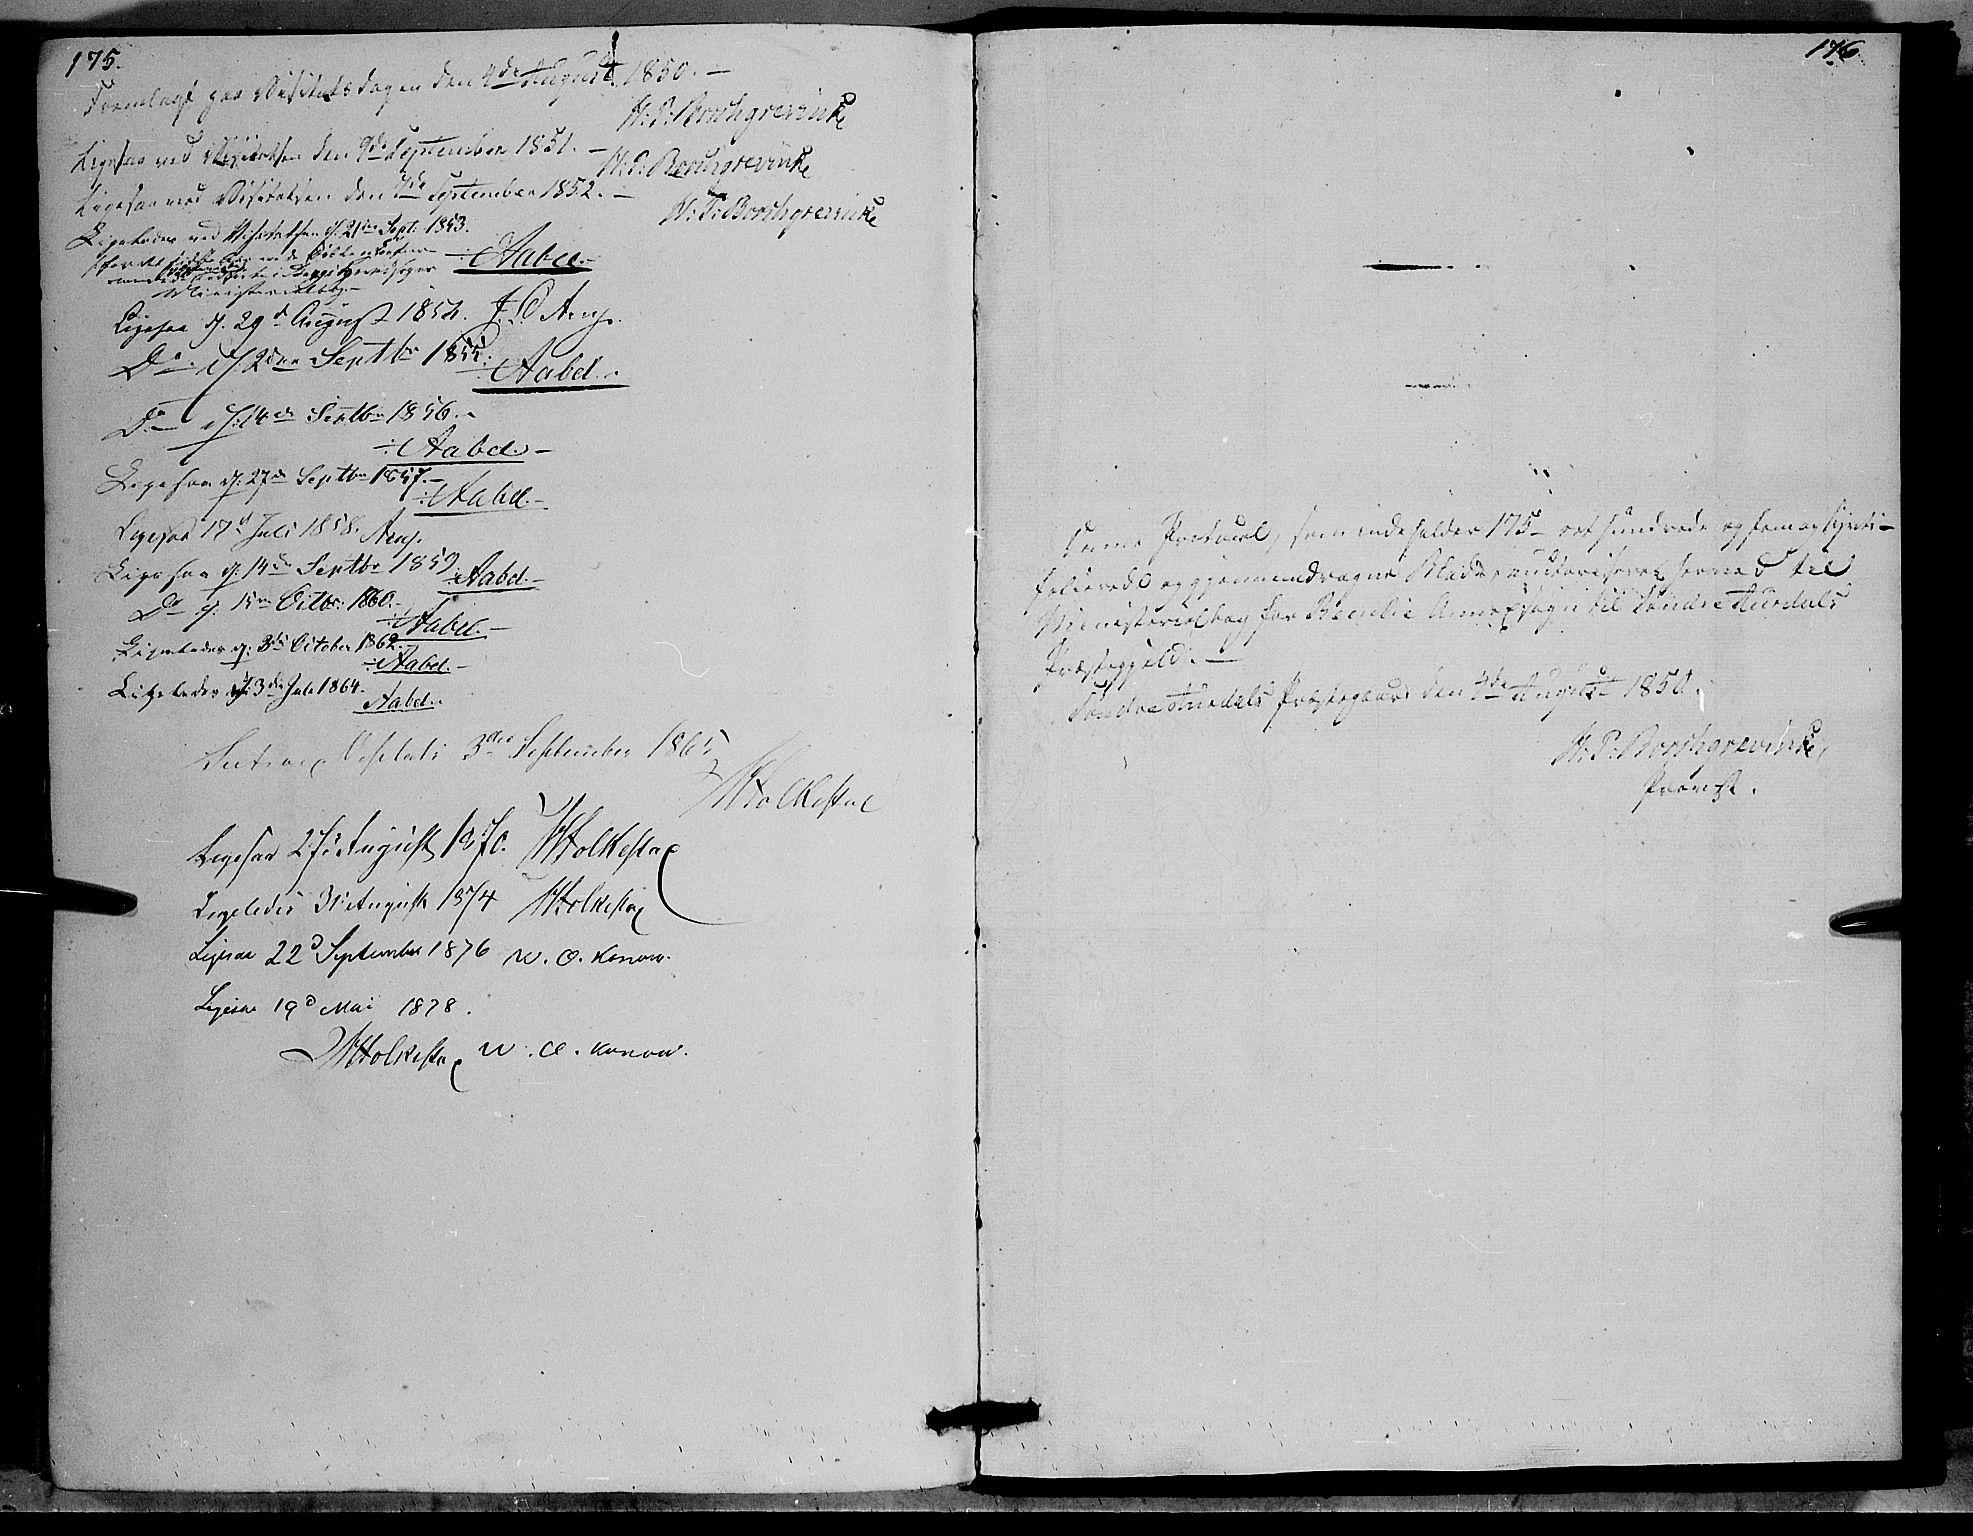 SAH, Sør-Aurdal prestekontor, Ministerialbok nr. 6, 1849-1876, s. 175